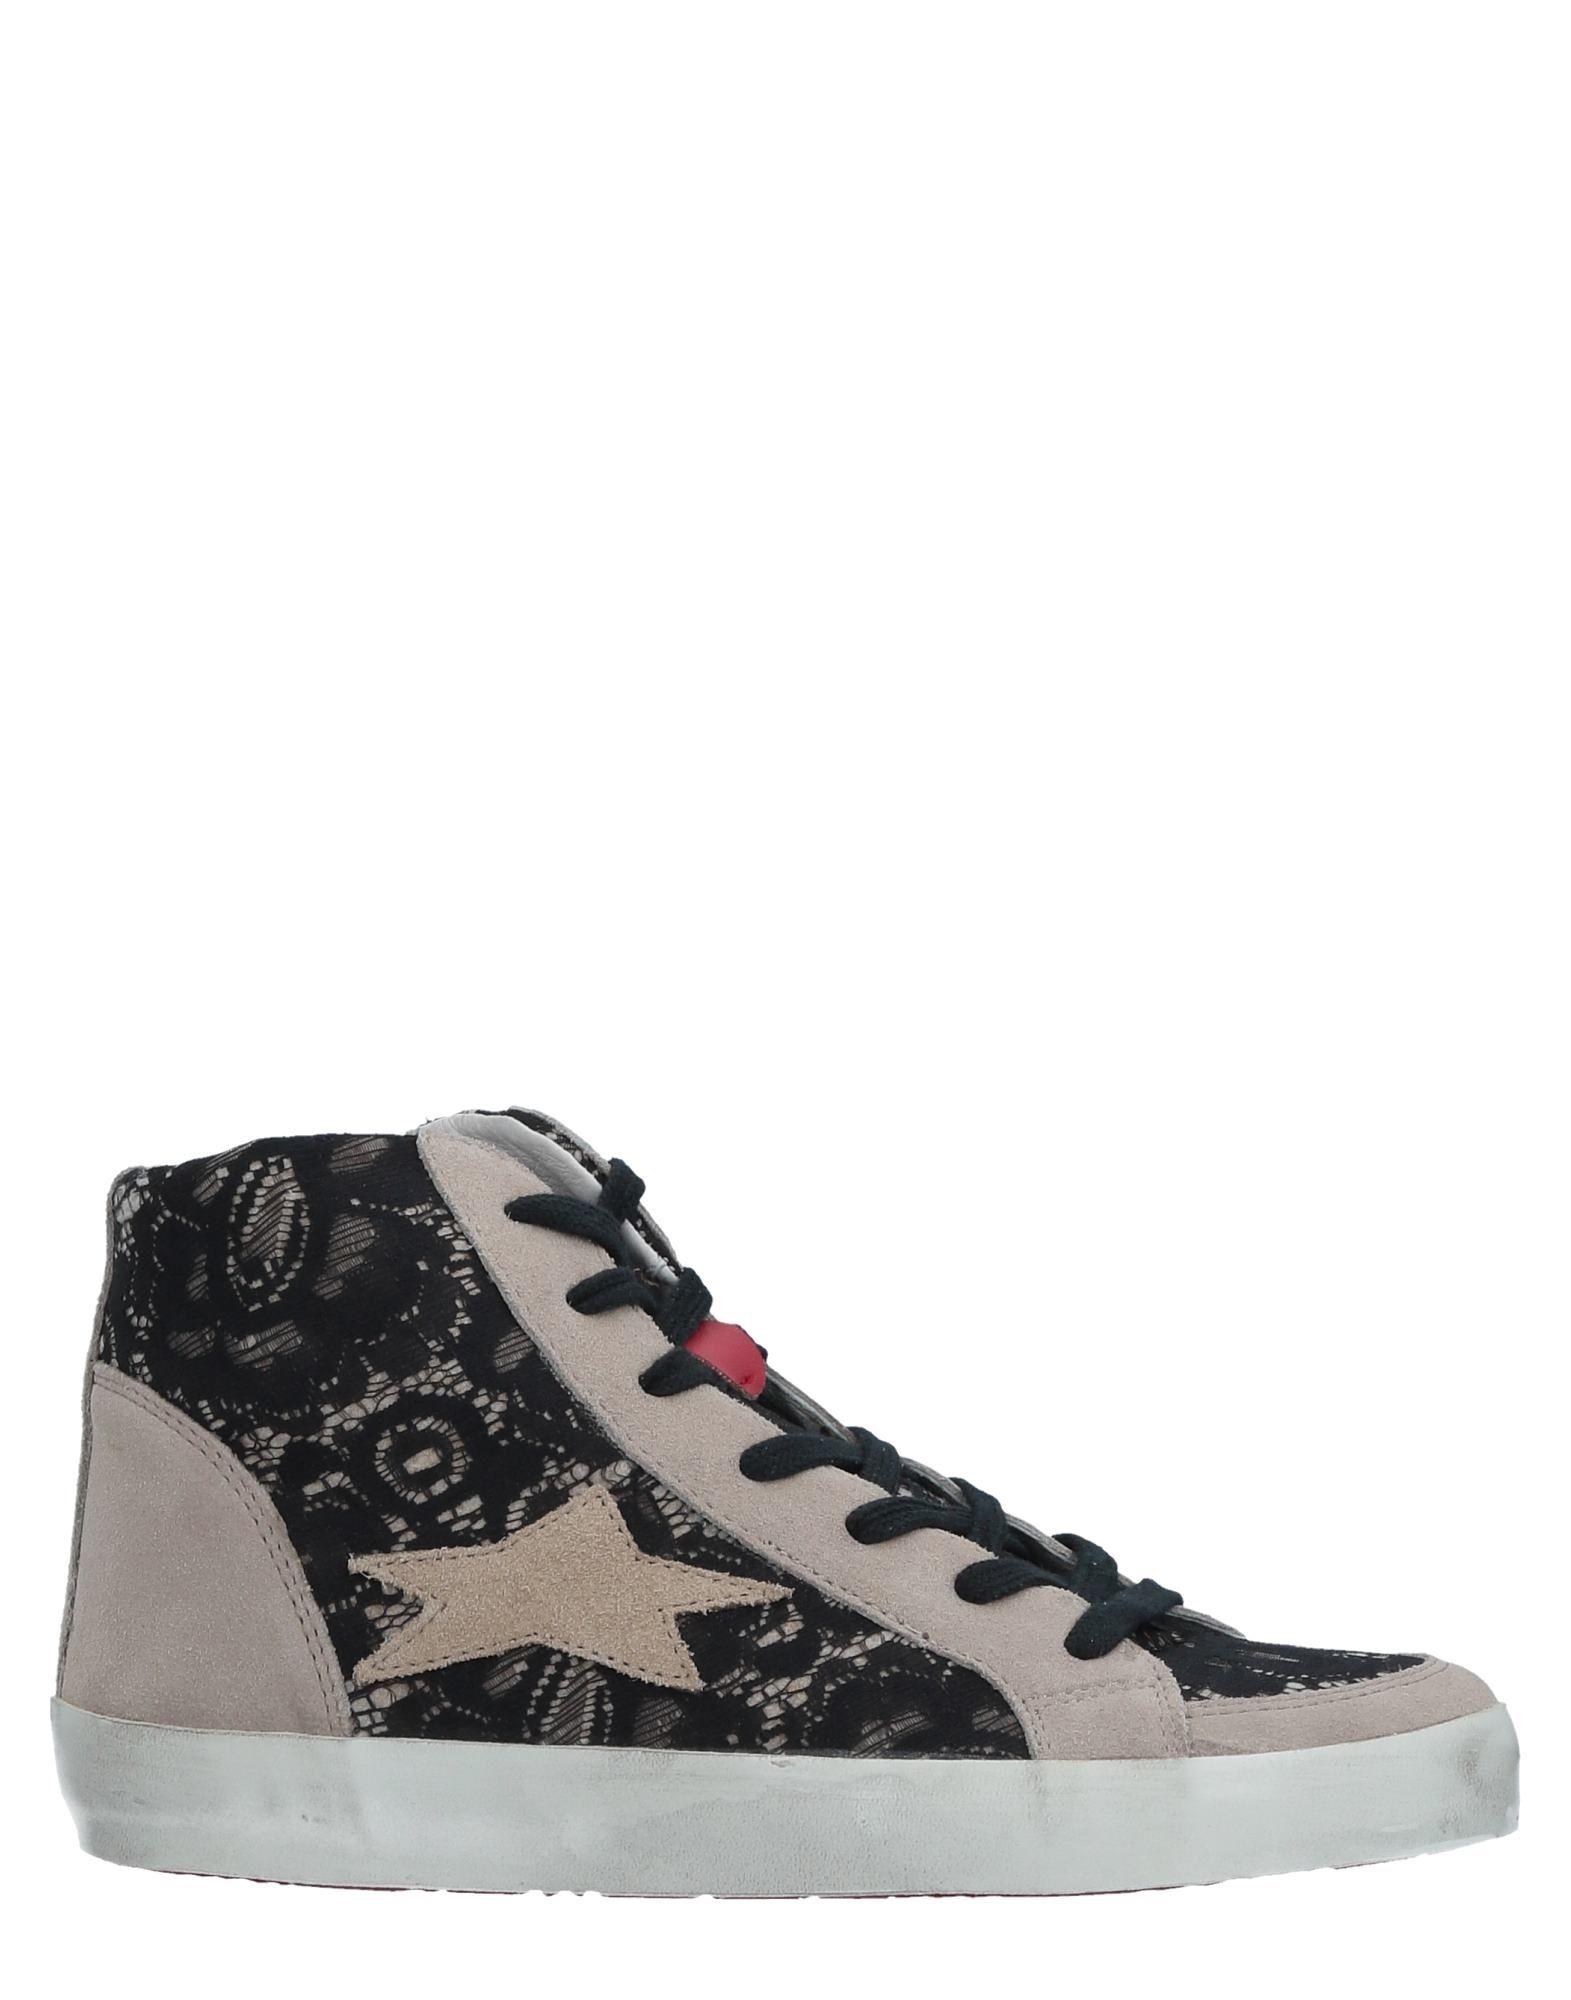 Sneakers Moschino Uomo - 11196879NM Scarpe economiche e buone